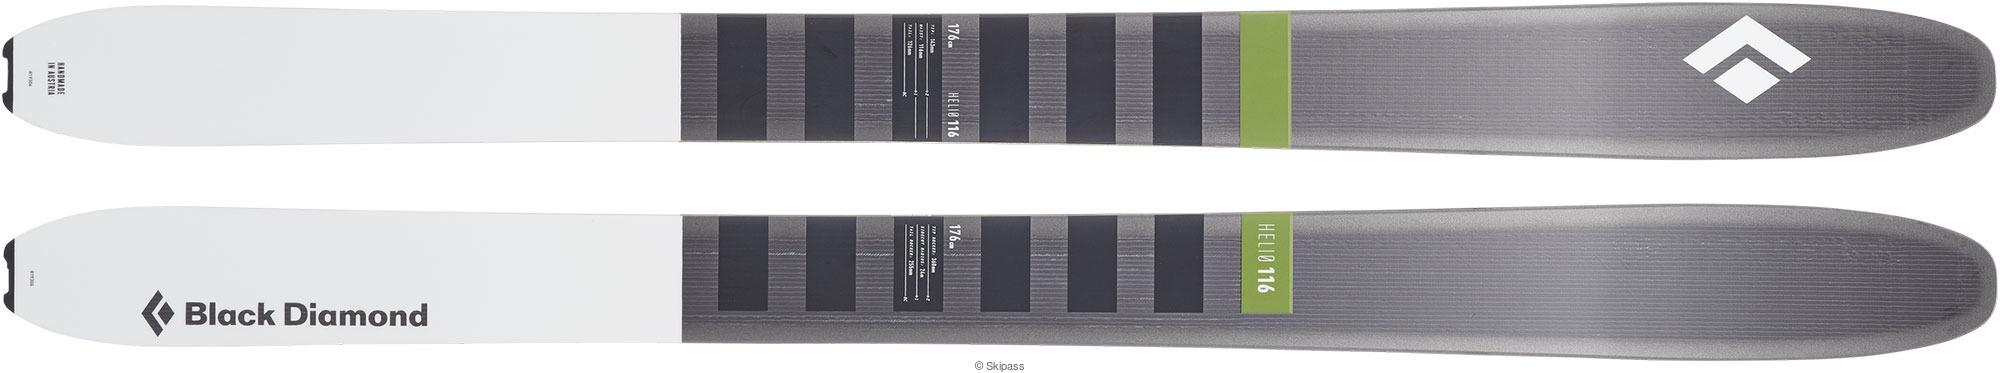 Black Diamond Helio 116